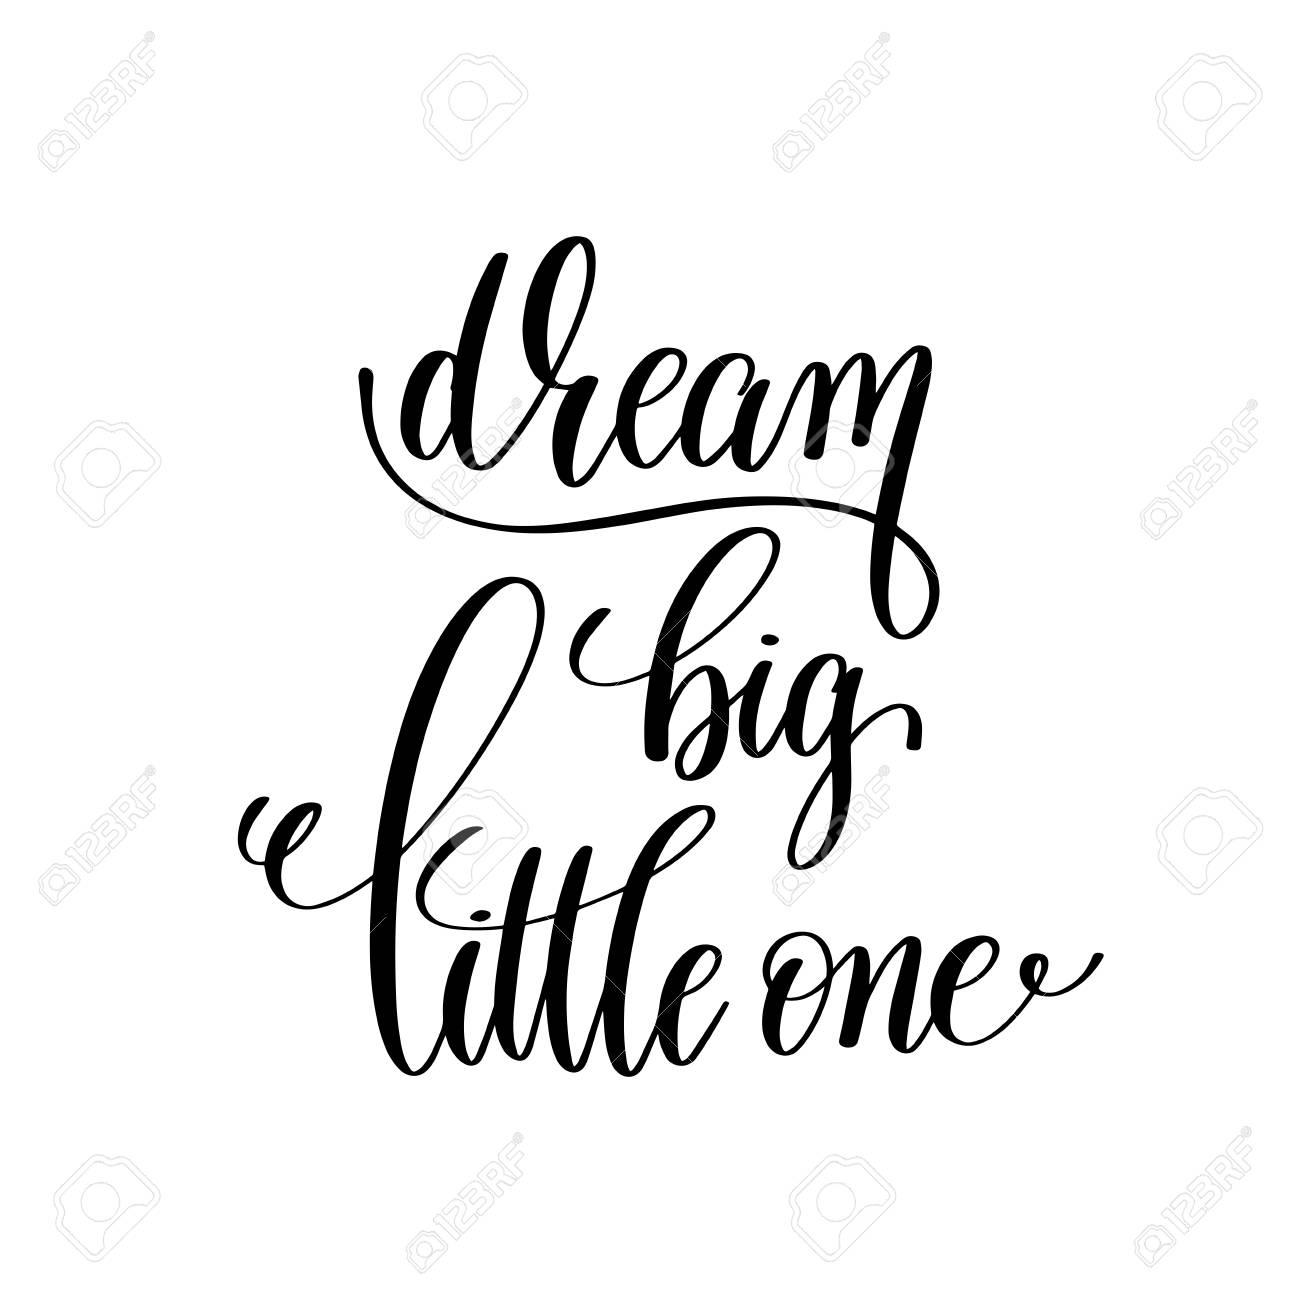 Sonhar Grande Pouco Preto E Branco Manuscrita Letras Citação Positiva Motivacional E Inspiradora Frase Ilustração Vetorial De Caligrafia